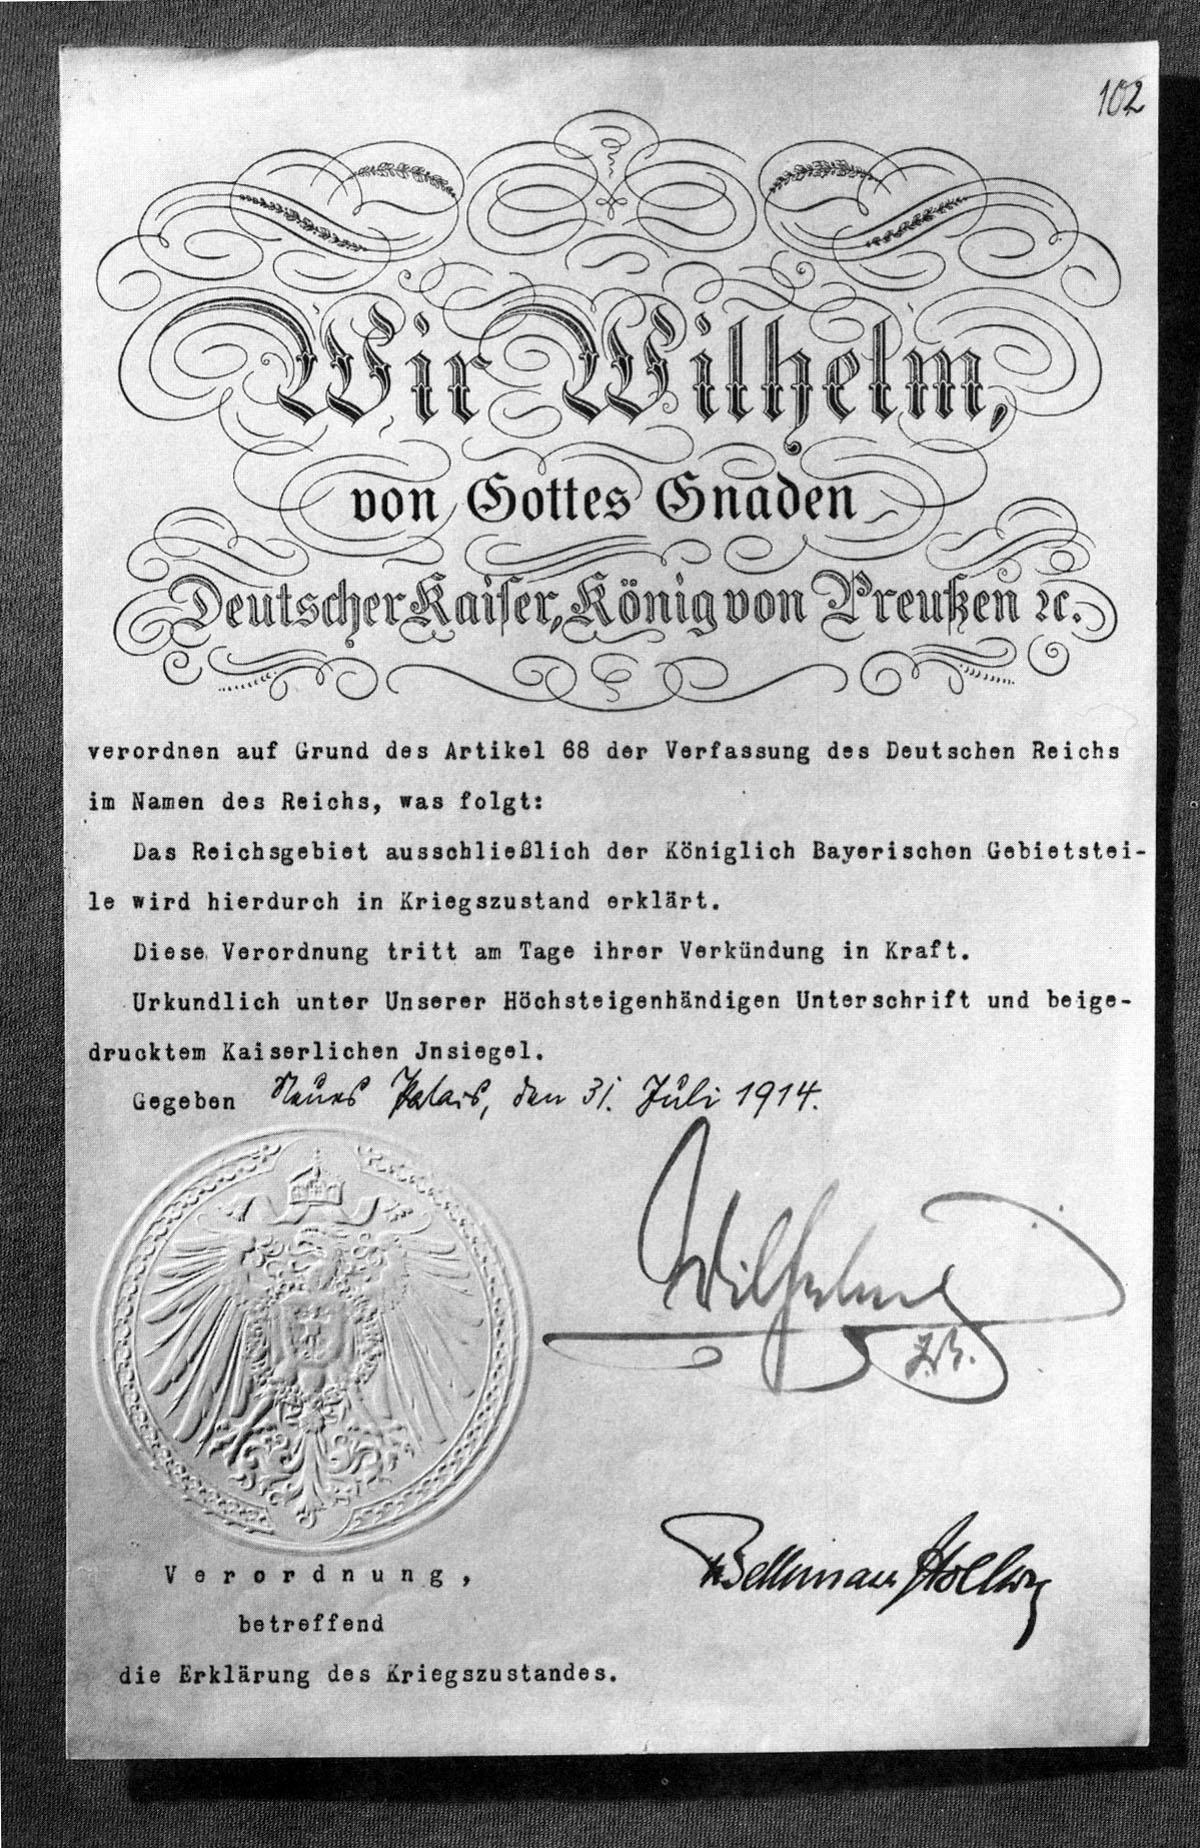 Der Kaiser erklärte 1914 den Kriegszustand für das gesamte Deutsche Reich, ausgenommen Bayern.